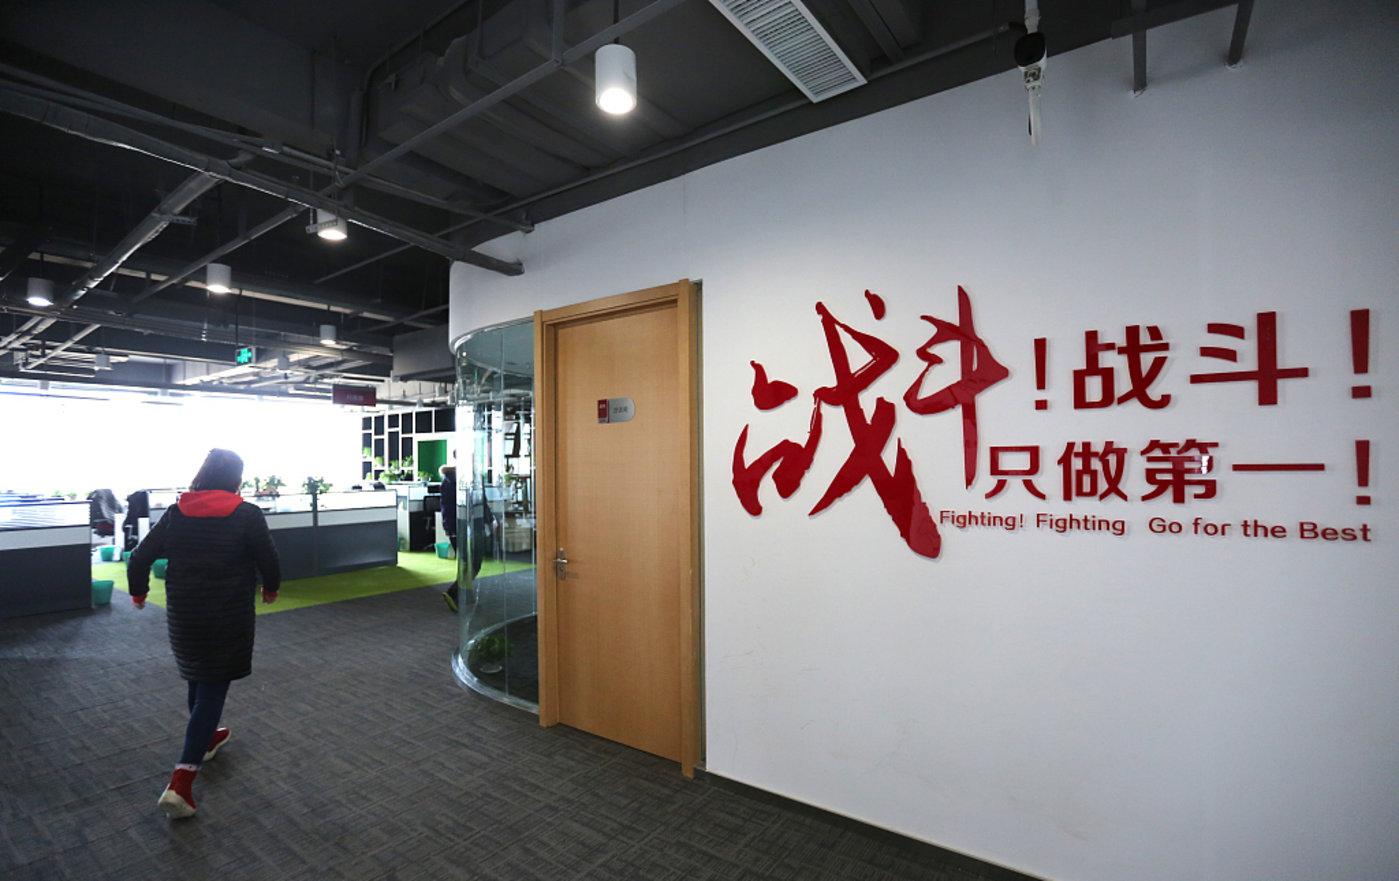 京东东北区总部综合办公楼 图片来源@视觉中国